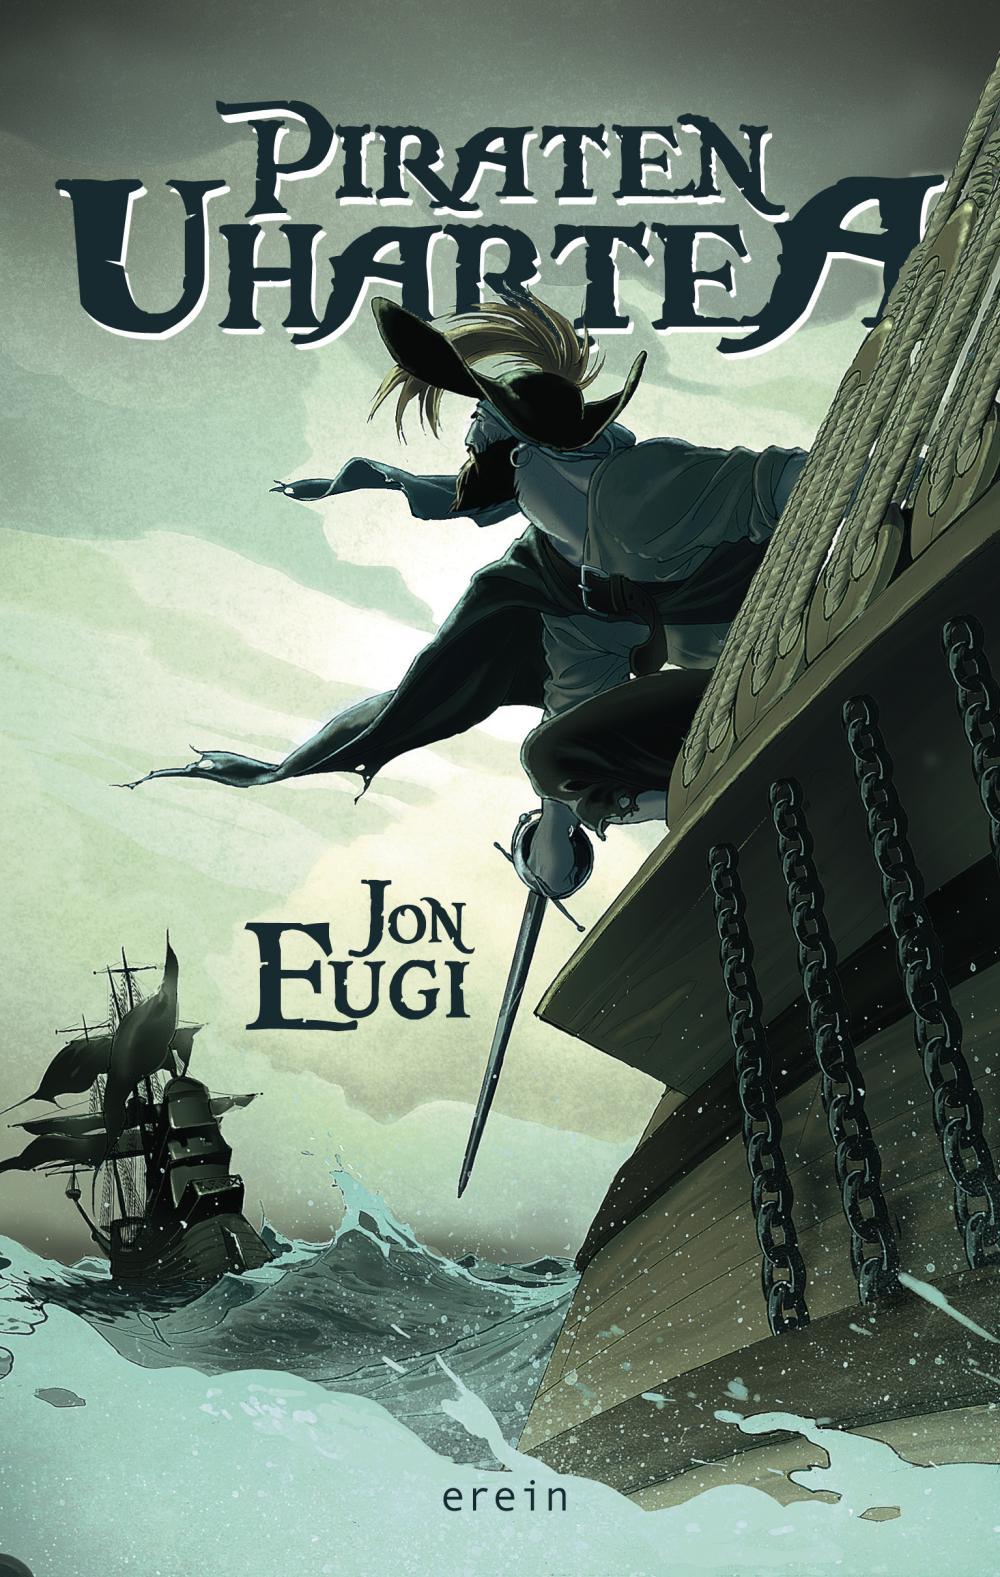 Piraten uhartea